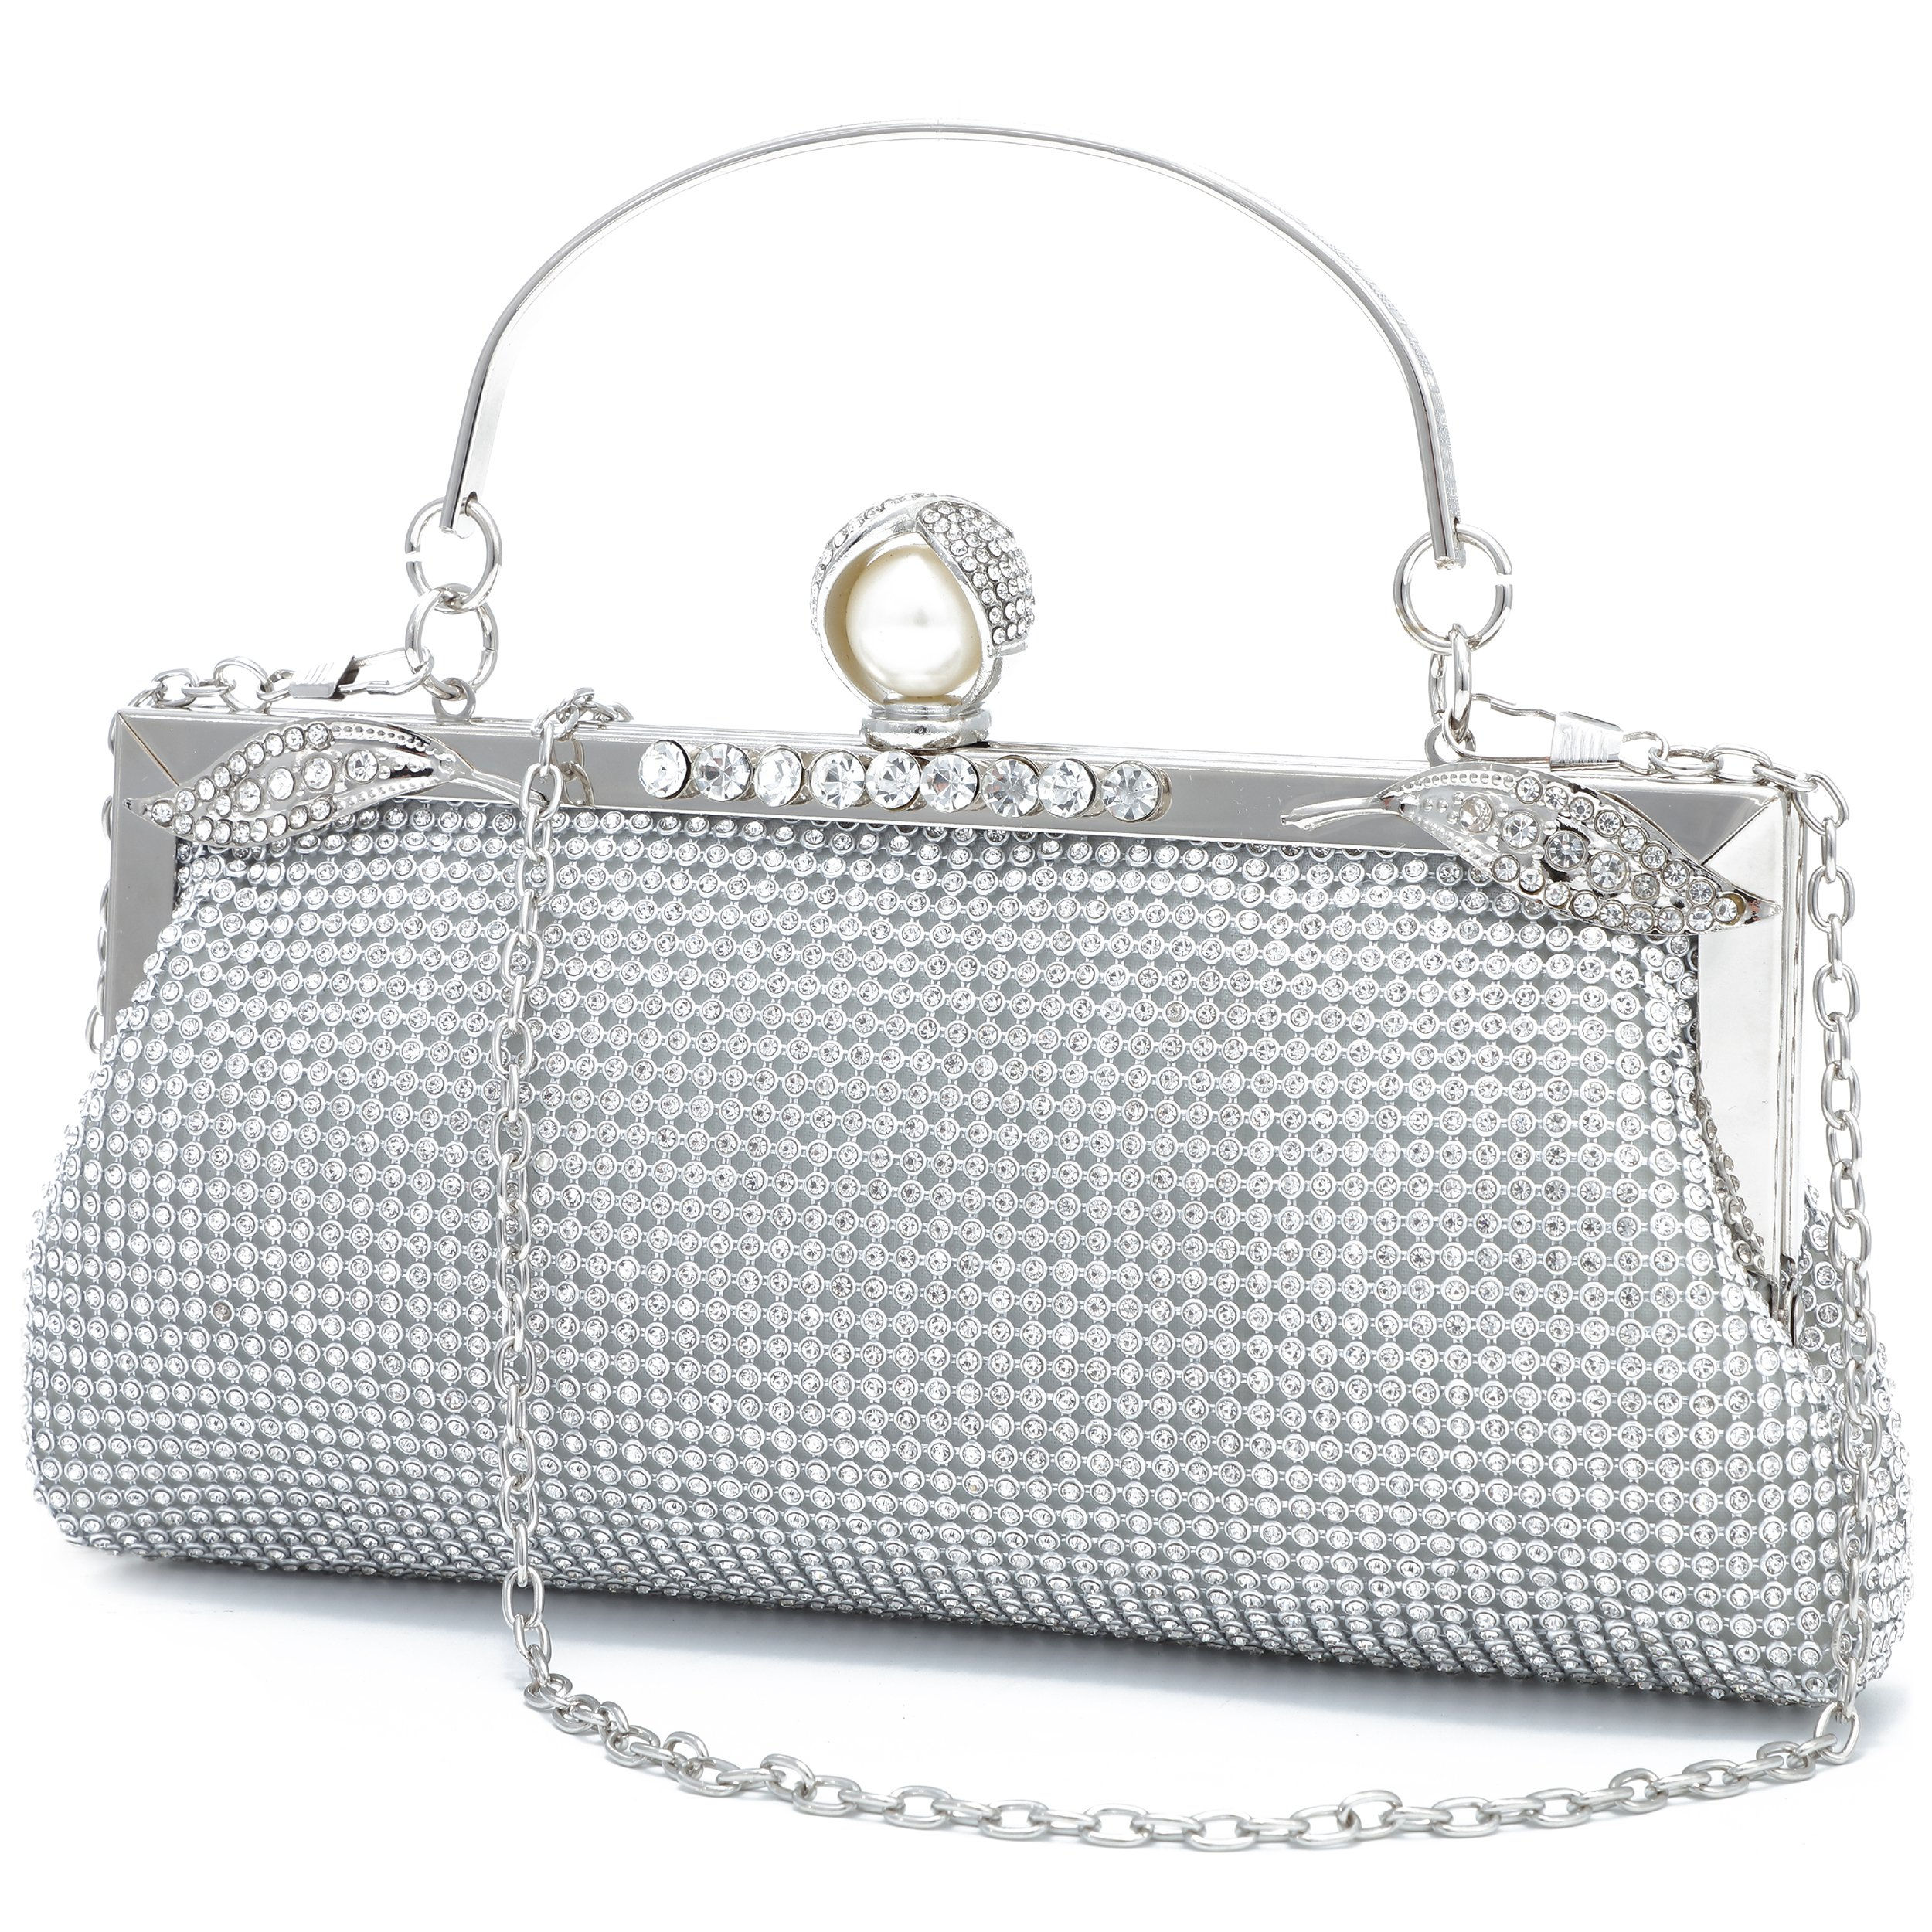 YOJOY Women Evening Handbag Clutch Purse for Wedding Party (Silver)